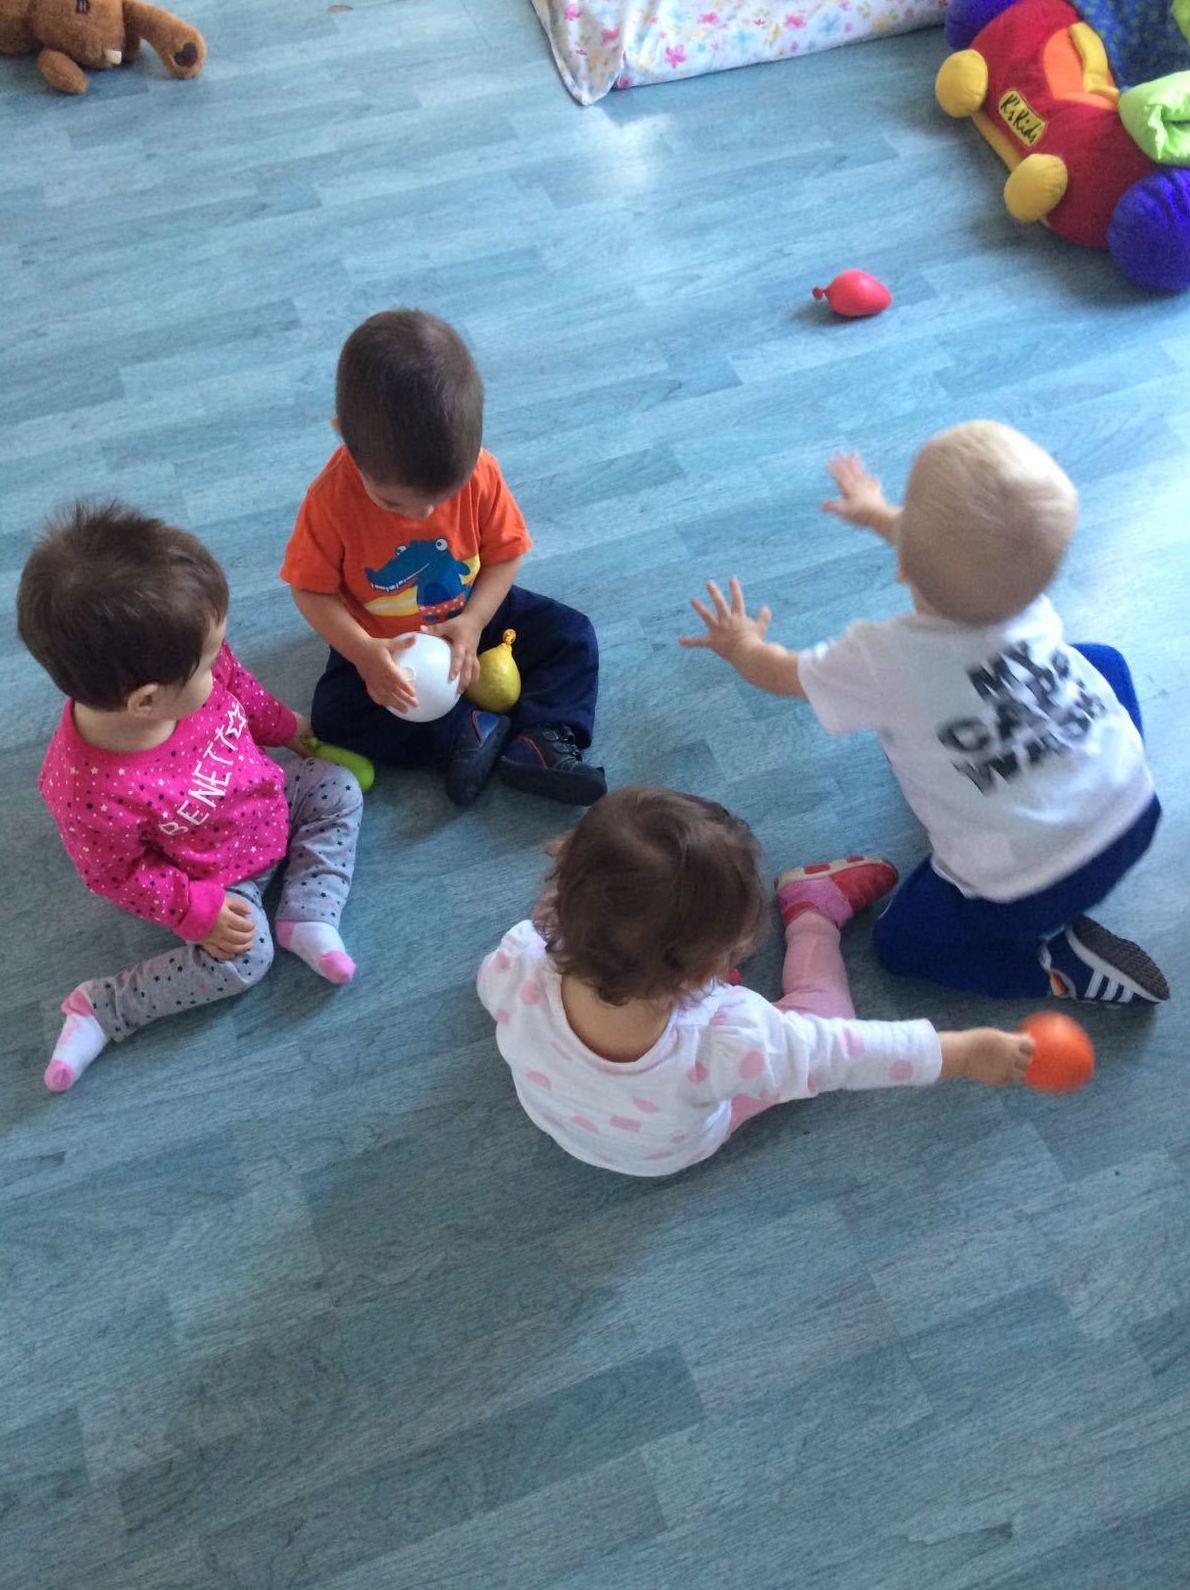 Hoy al cómomola de Torrejón de Ardoz....han venido de excursión los niños de la escuela infantil Pequepecas de Madrid y se lo han pasado a lo grande!